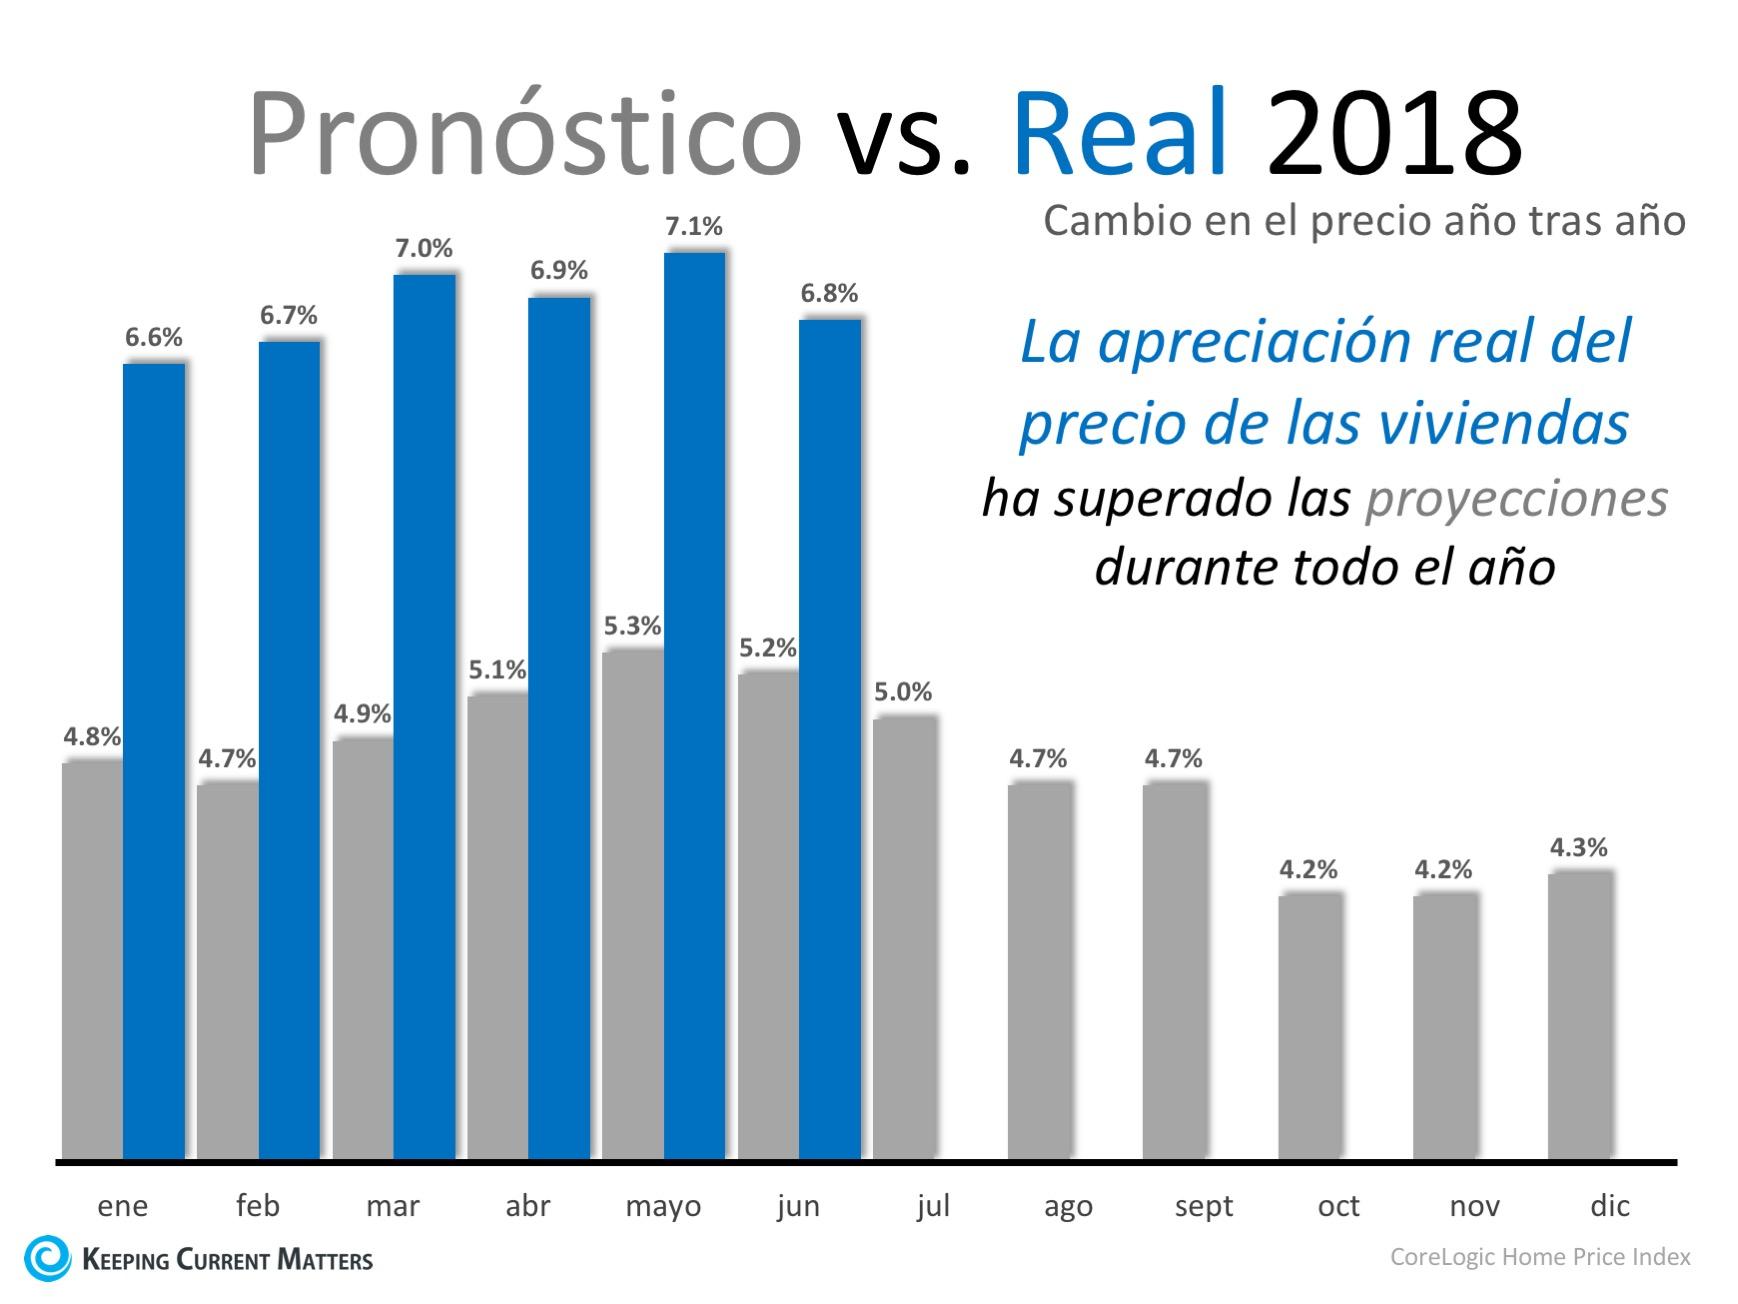 Los precios de las viviendas han apreciado 6.9 % en 2018 | Keeping Current Matters